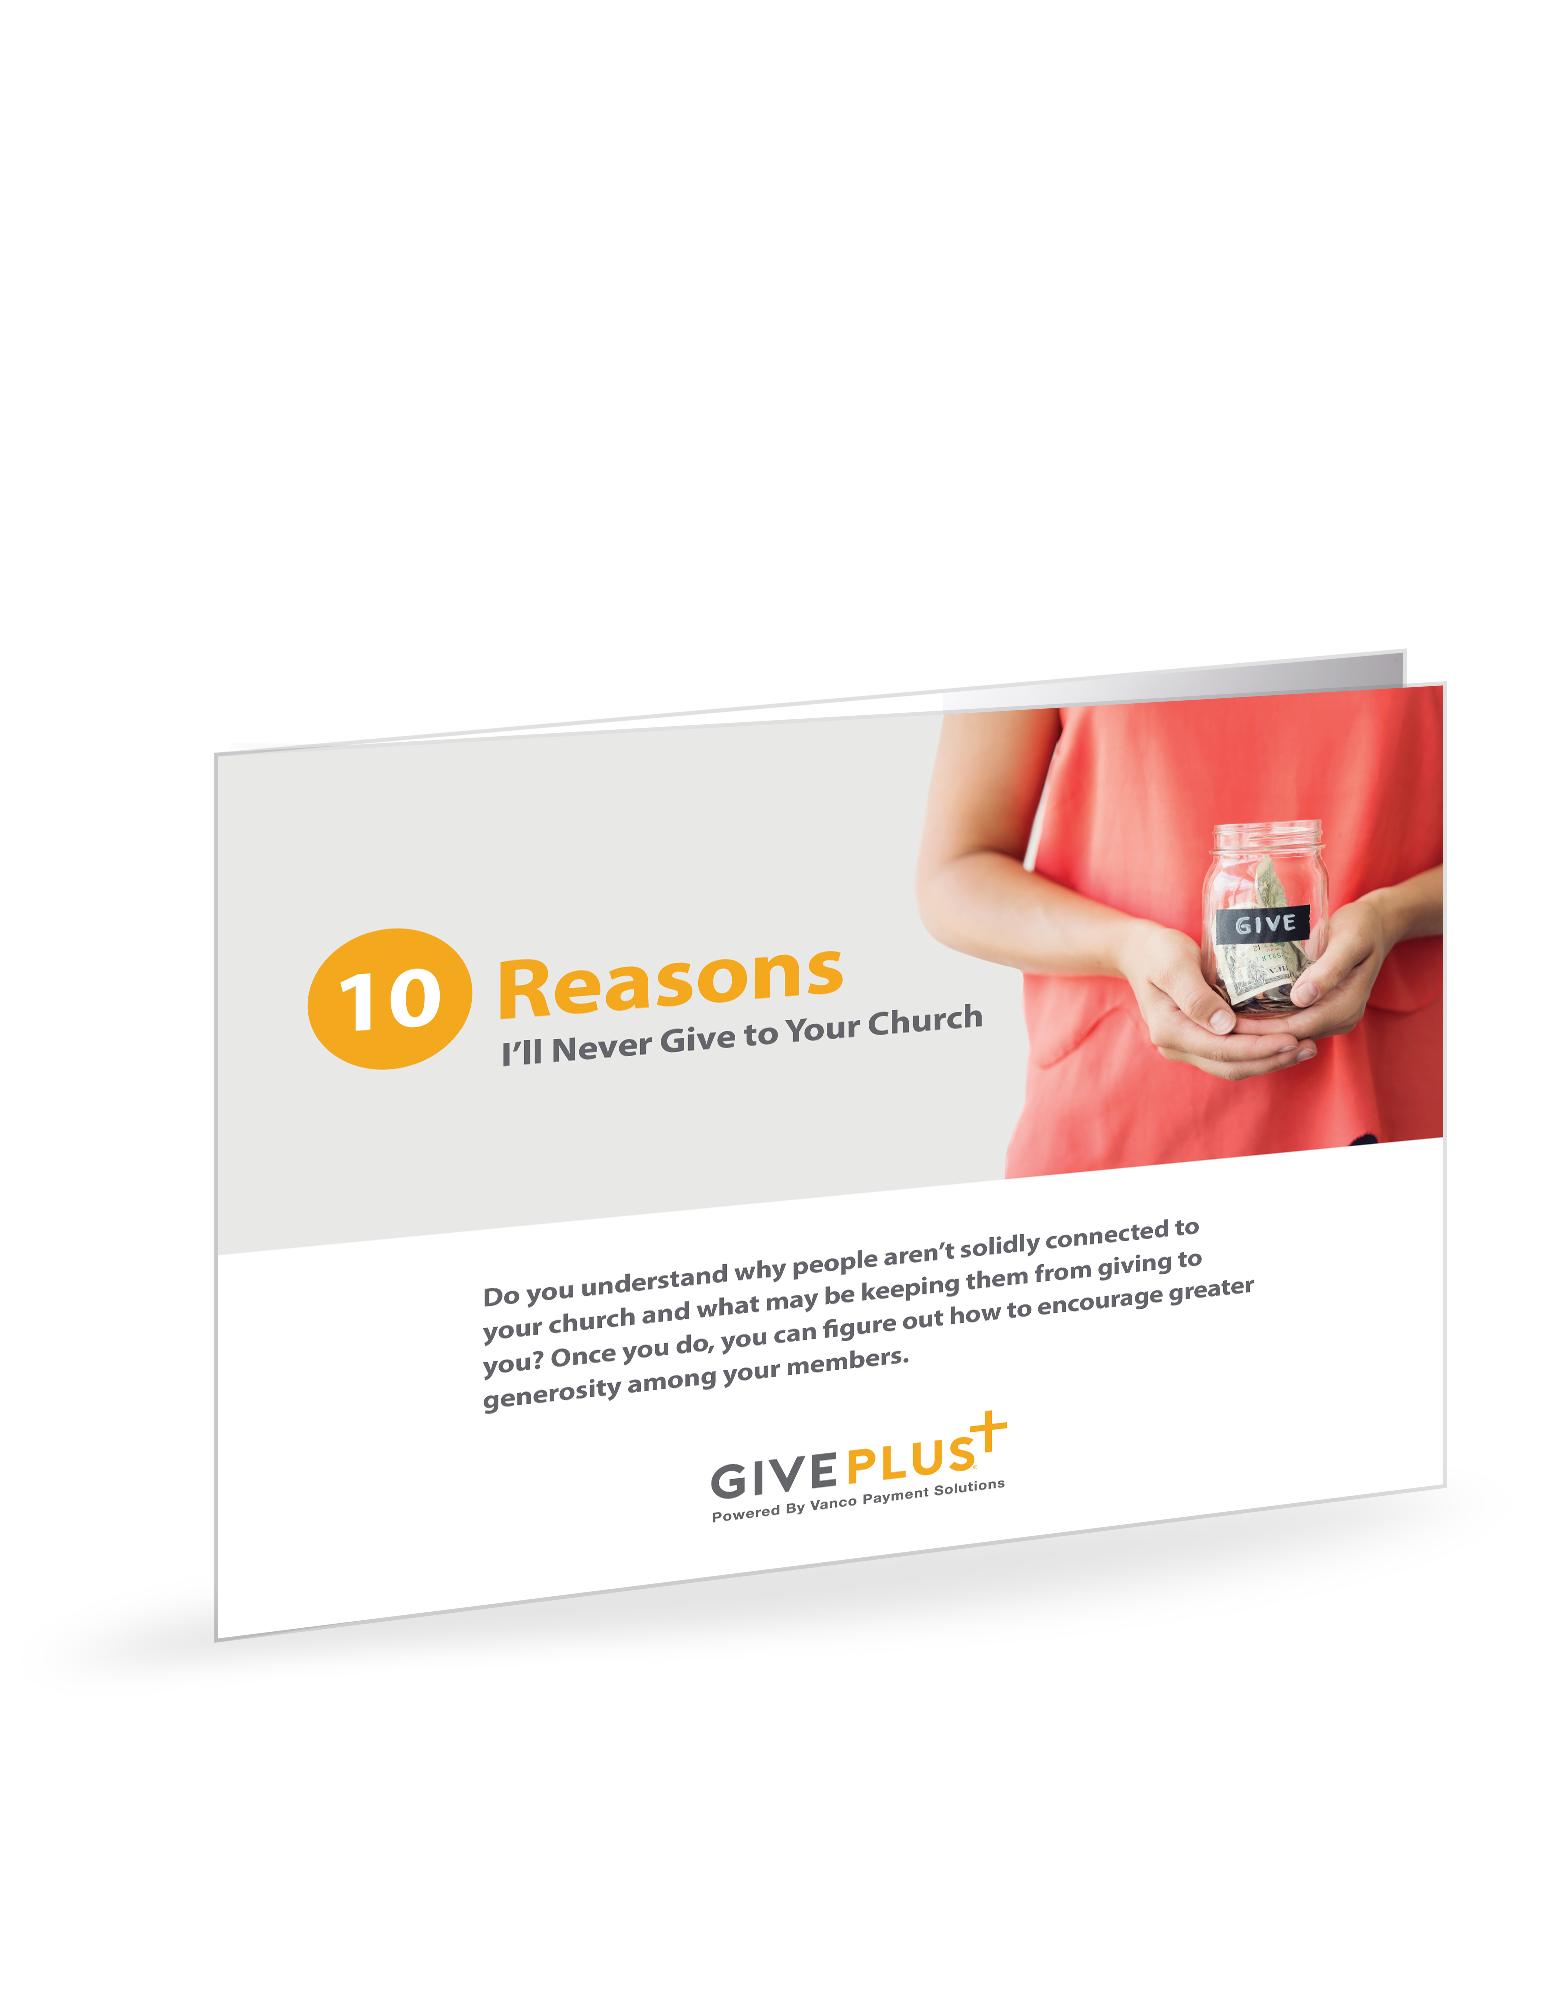 IG_10 Reasons_thumb.png